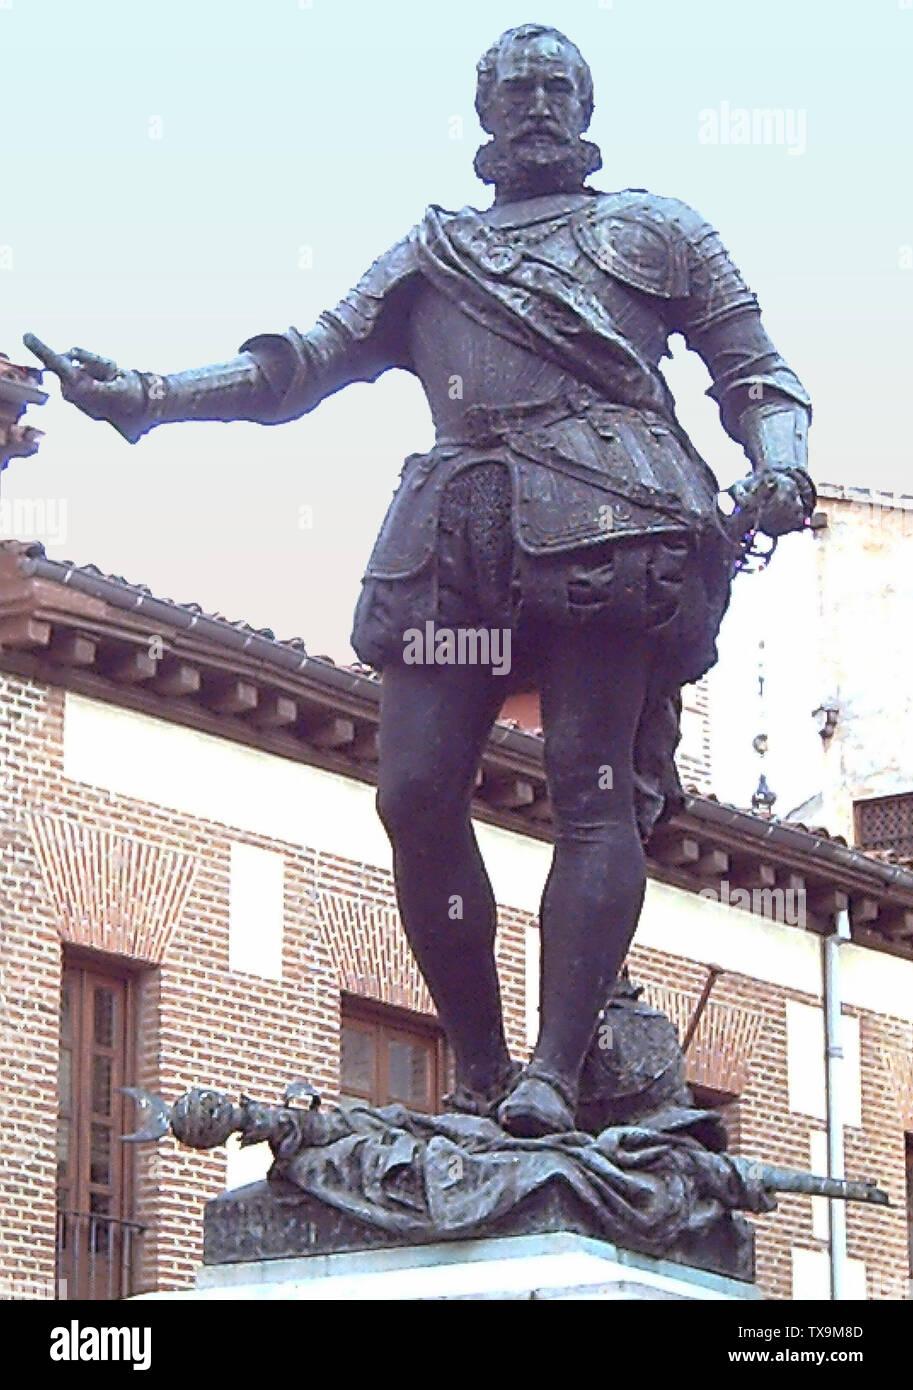 """""""Inglés: estatua de bronce de Álvaro de Bazán (1526-1588) del escultor Mariano Benlliure (1862-1947). 2,20 metros de alto. Es parte del monumento en la Plaza de la Villa (plaza) en Madrid (España), inaugurado en 1891. Español: Estatua de bronce de Álvaro de Bazán (1526-1588) realizada por el escultor Mariano Benlliure (1862-1947). 2,20 metros de altura. Es parte del monumento situado en la Plaza de la Villa de Madrid (España) e inaugurado en 1891; el 8 de mayo de 2006; el propio trabajo; fotografía: Luis García (Zaqarbal); ' Imagen De Stock"""